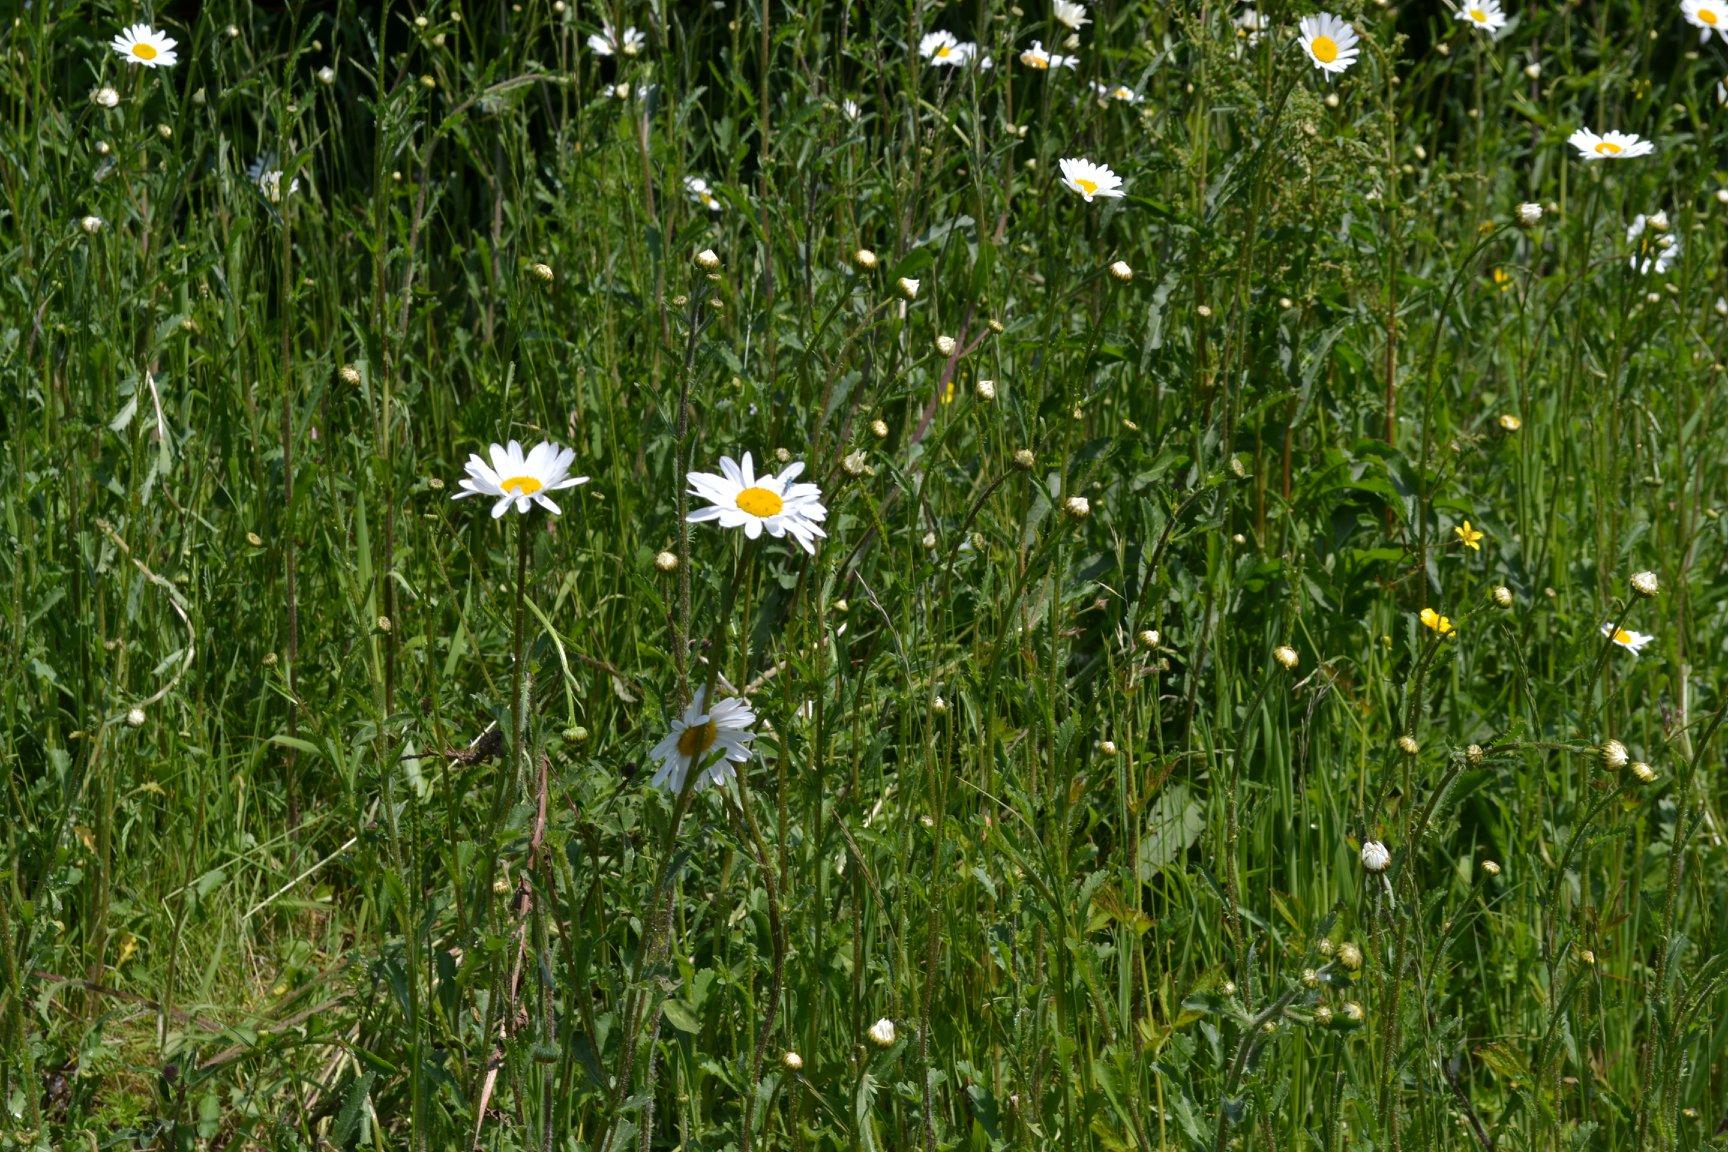 Verge side flowers